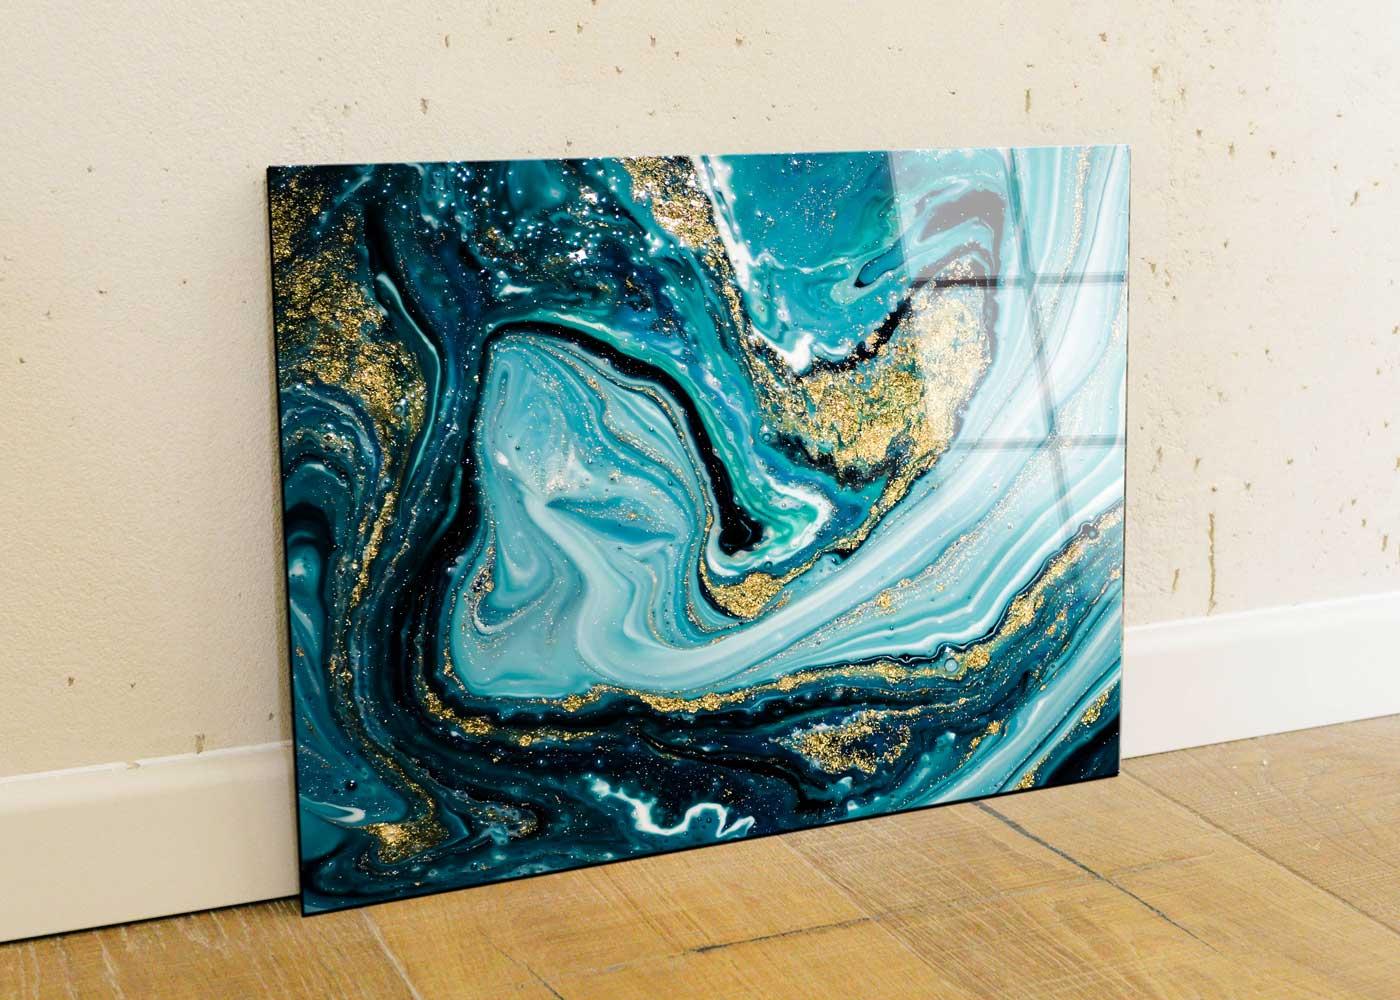 תמונת זכוכית של אבסררקט צבע כחול